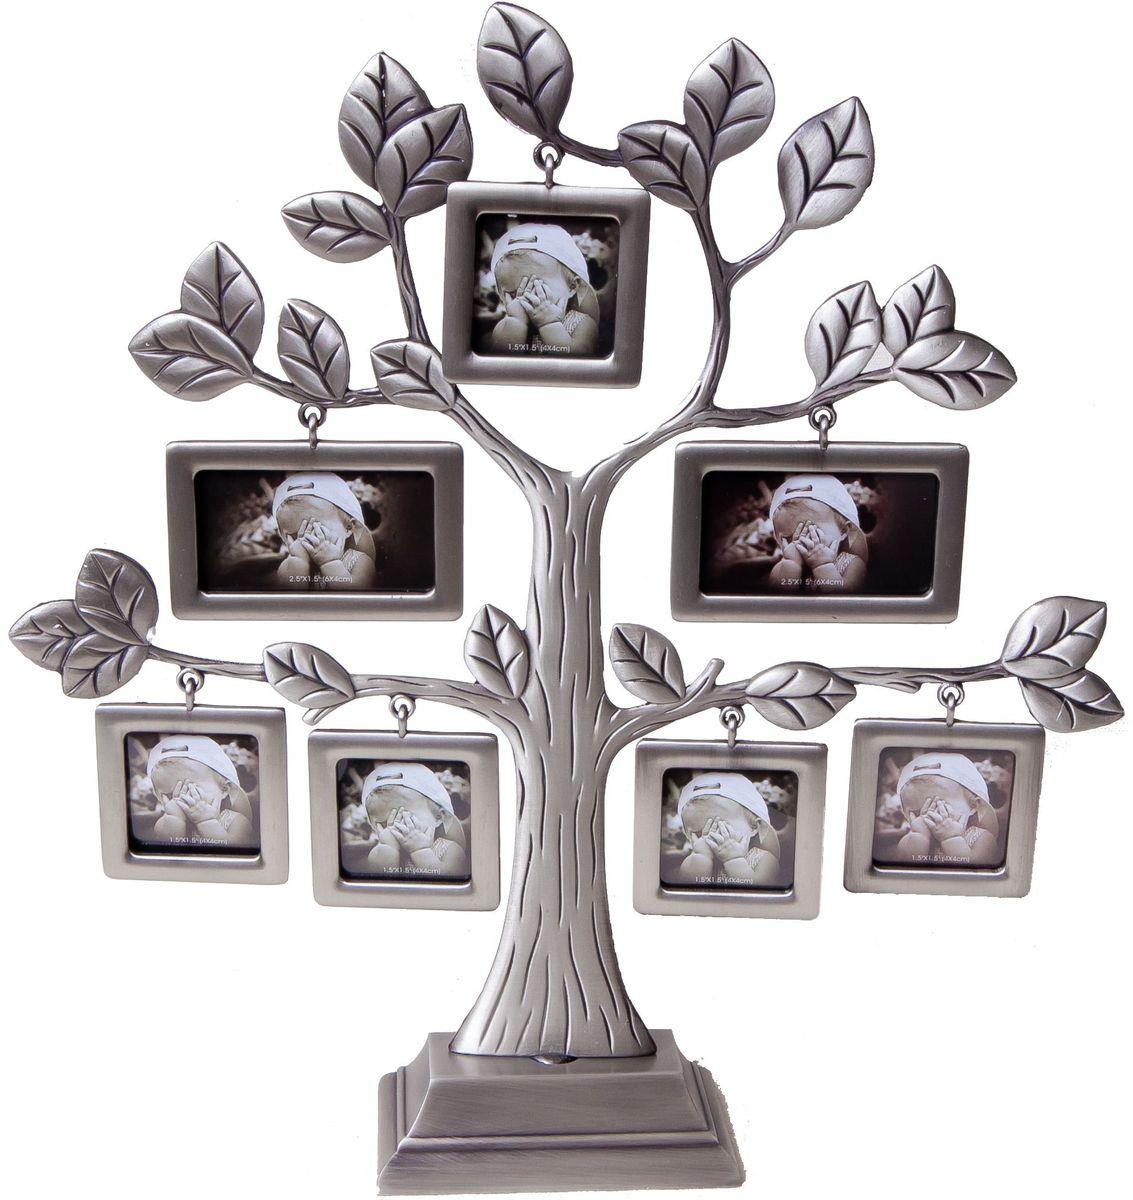 Фоторамка Platinum Дерево, цвет: светло-серый, на 7 фото. PF97727 фоторамок на дереве PF9772Декоративная фоторамка Platinum Дерево выполнена из металла. На подставку в виде деревца подвешиваются семь рамочек разной формы. Изысканная и эффектная, эта потрясающая рамочка покорит своей красотой и изумительным качеством исполнения. Фоторамка Platinum Дерево не только украсит интерьер помещения, но и поможет разместить фото всей вашей семьи. Высота фоторамки: 25 см. Фоторамка подходит для фотографий 4 х 4 см и 6 x 4 см. Общий размер фоторамки: 24 х 4,5 х 25 см.